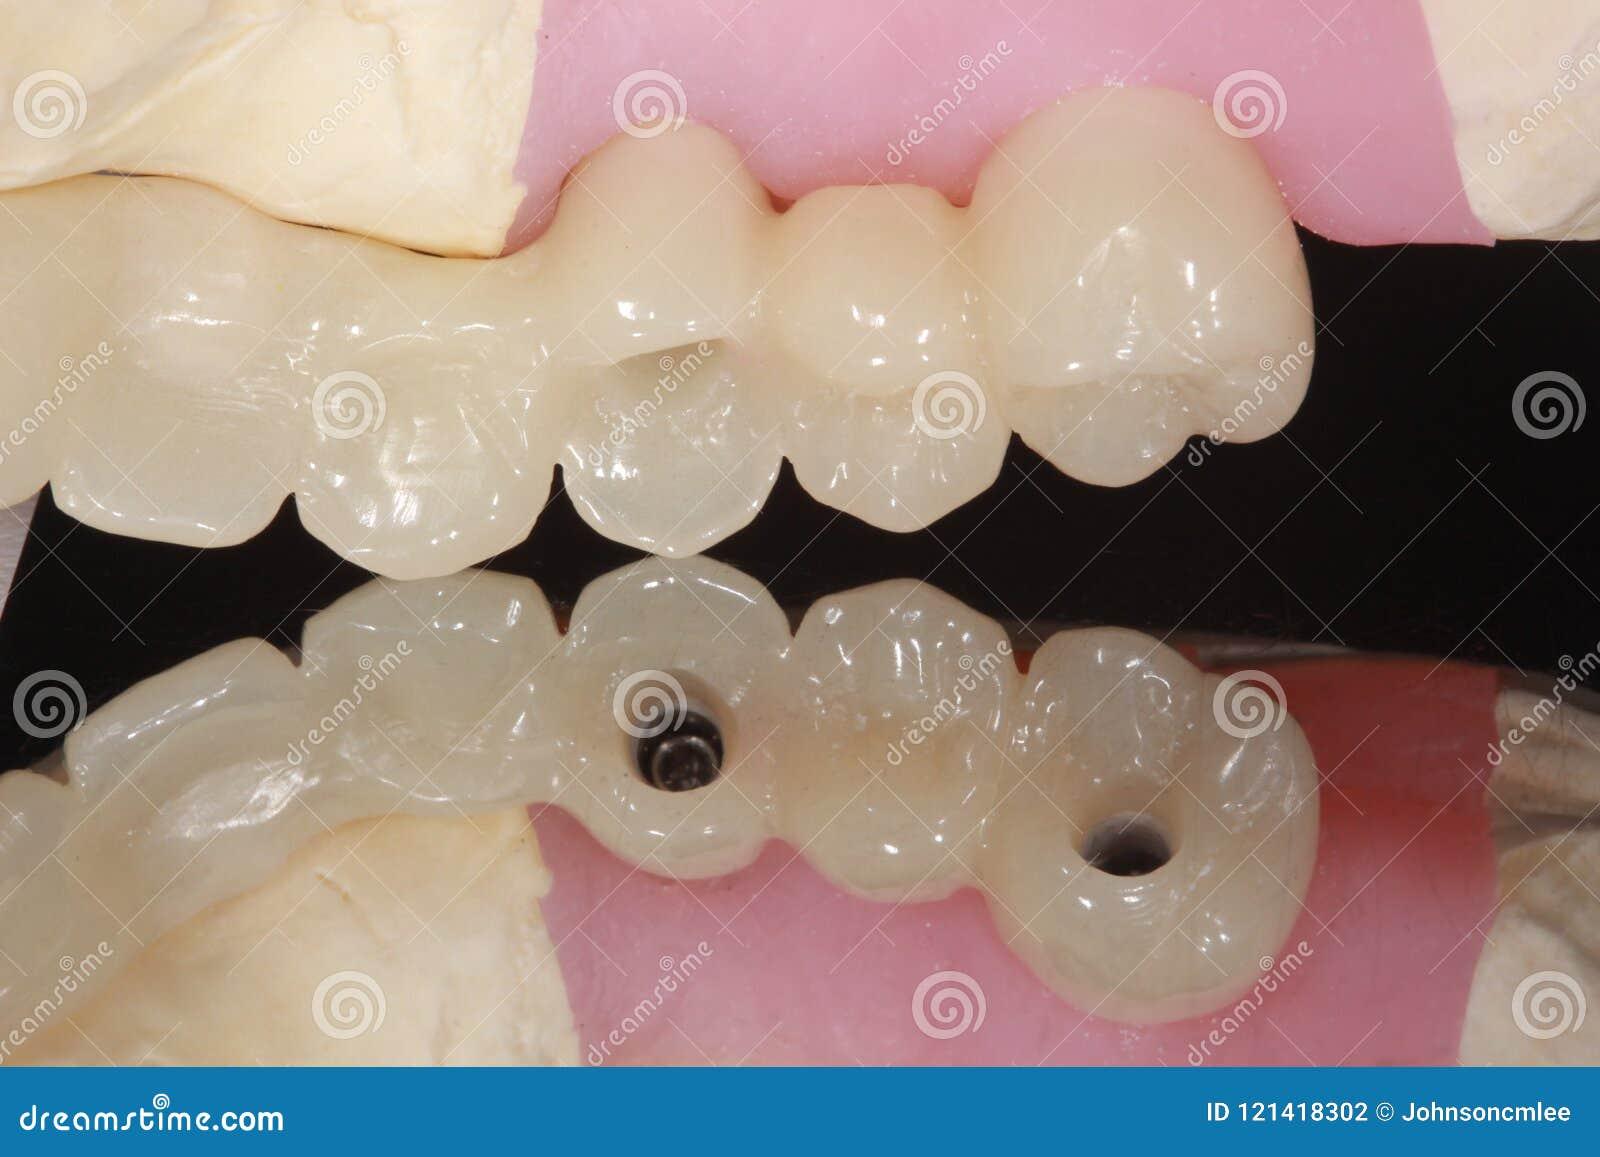 Eine zahnmedizinische Implantatbrücke mit Reflexion des occlusal Schraubenlochs